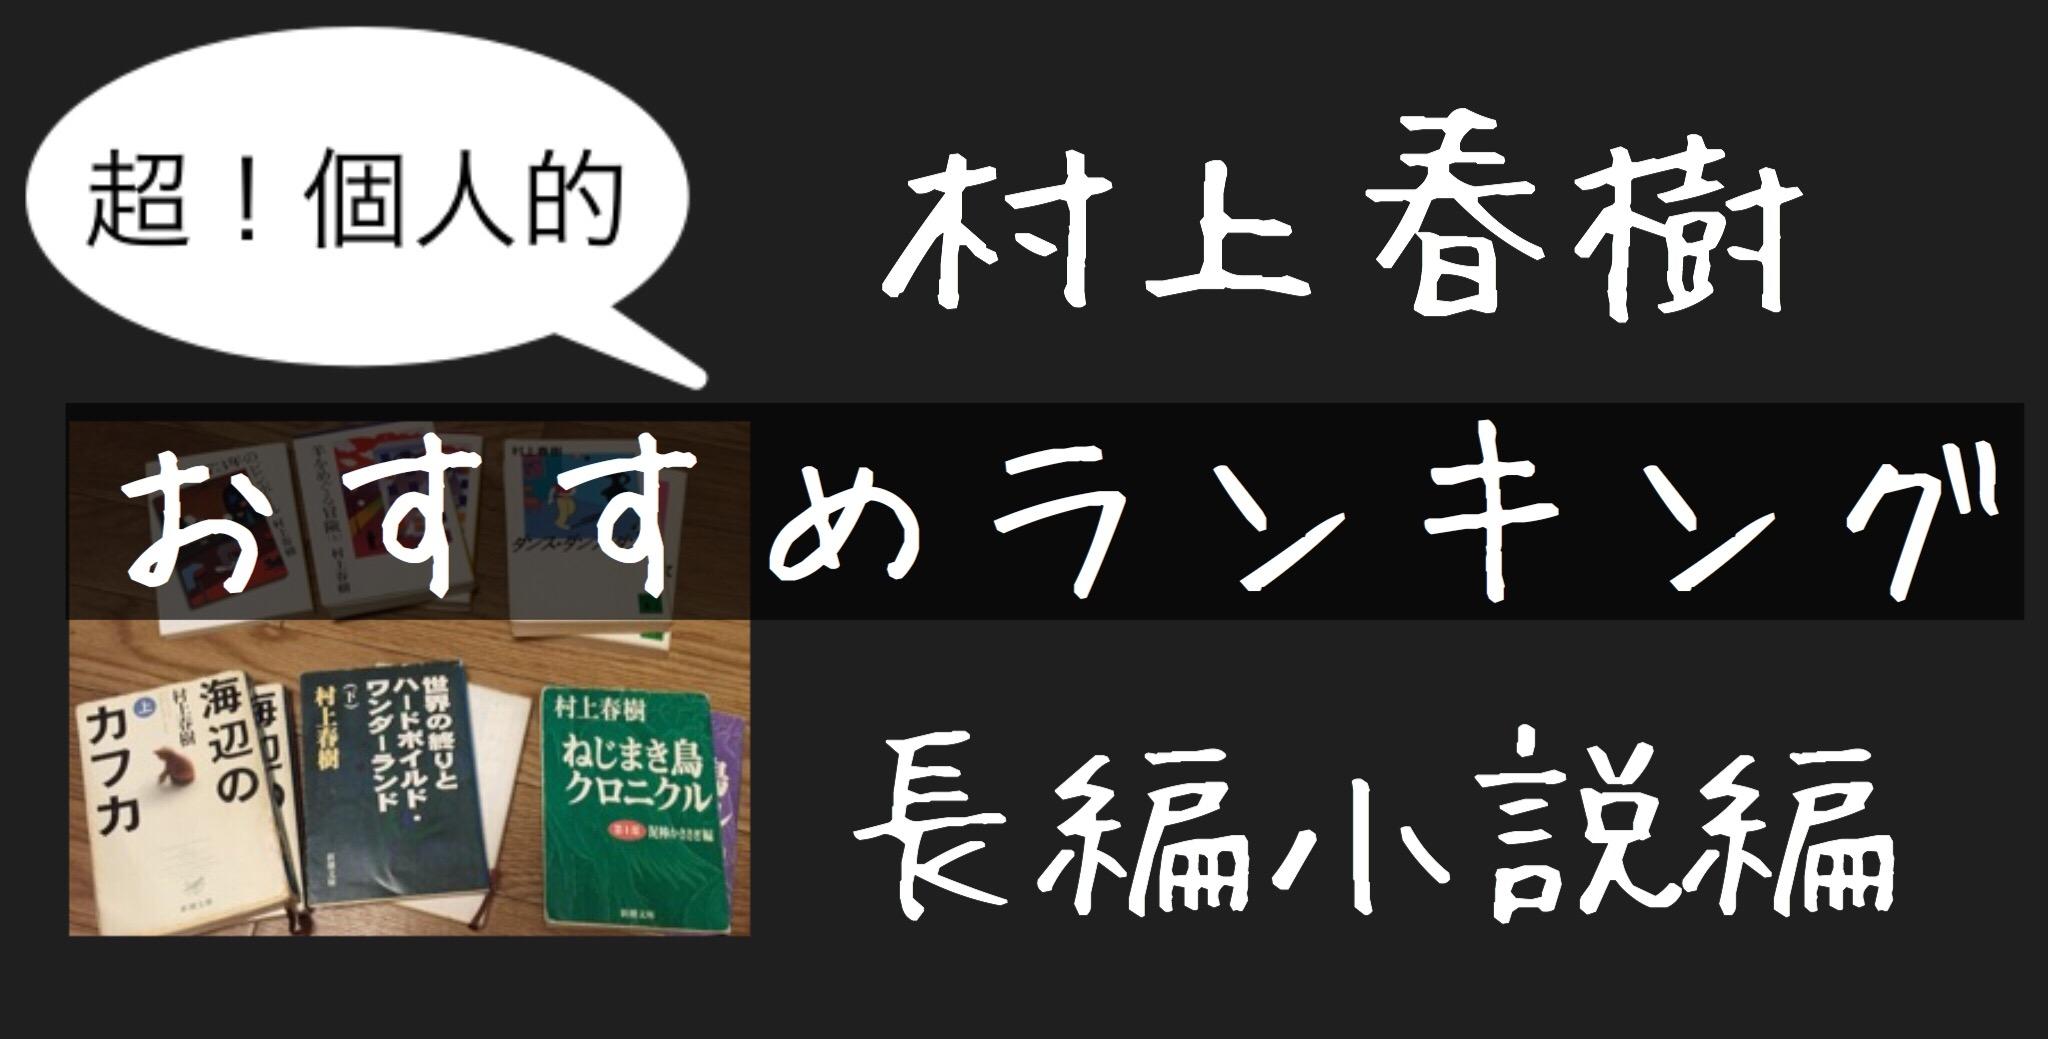 【本】村上春樹作品の初心者におすすめ長編小説の個人的ランキング